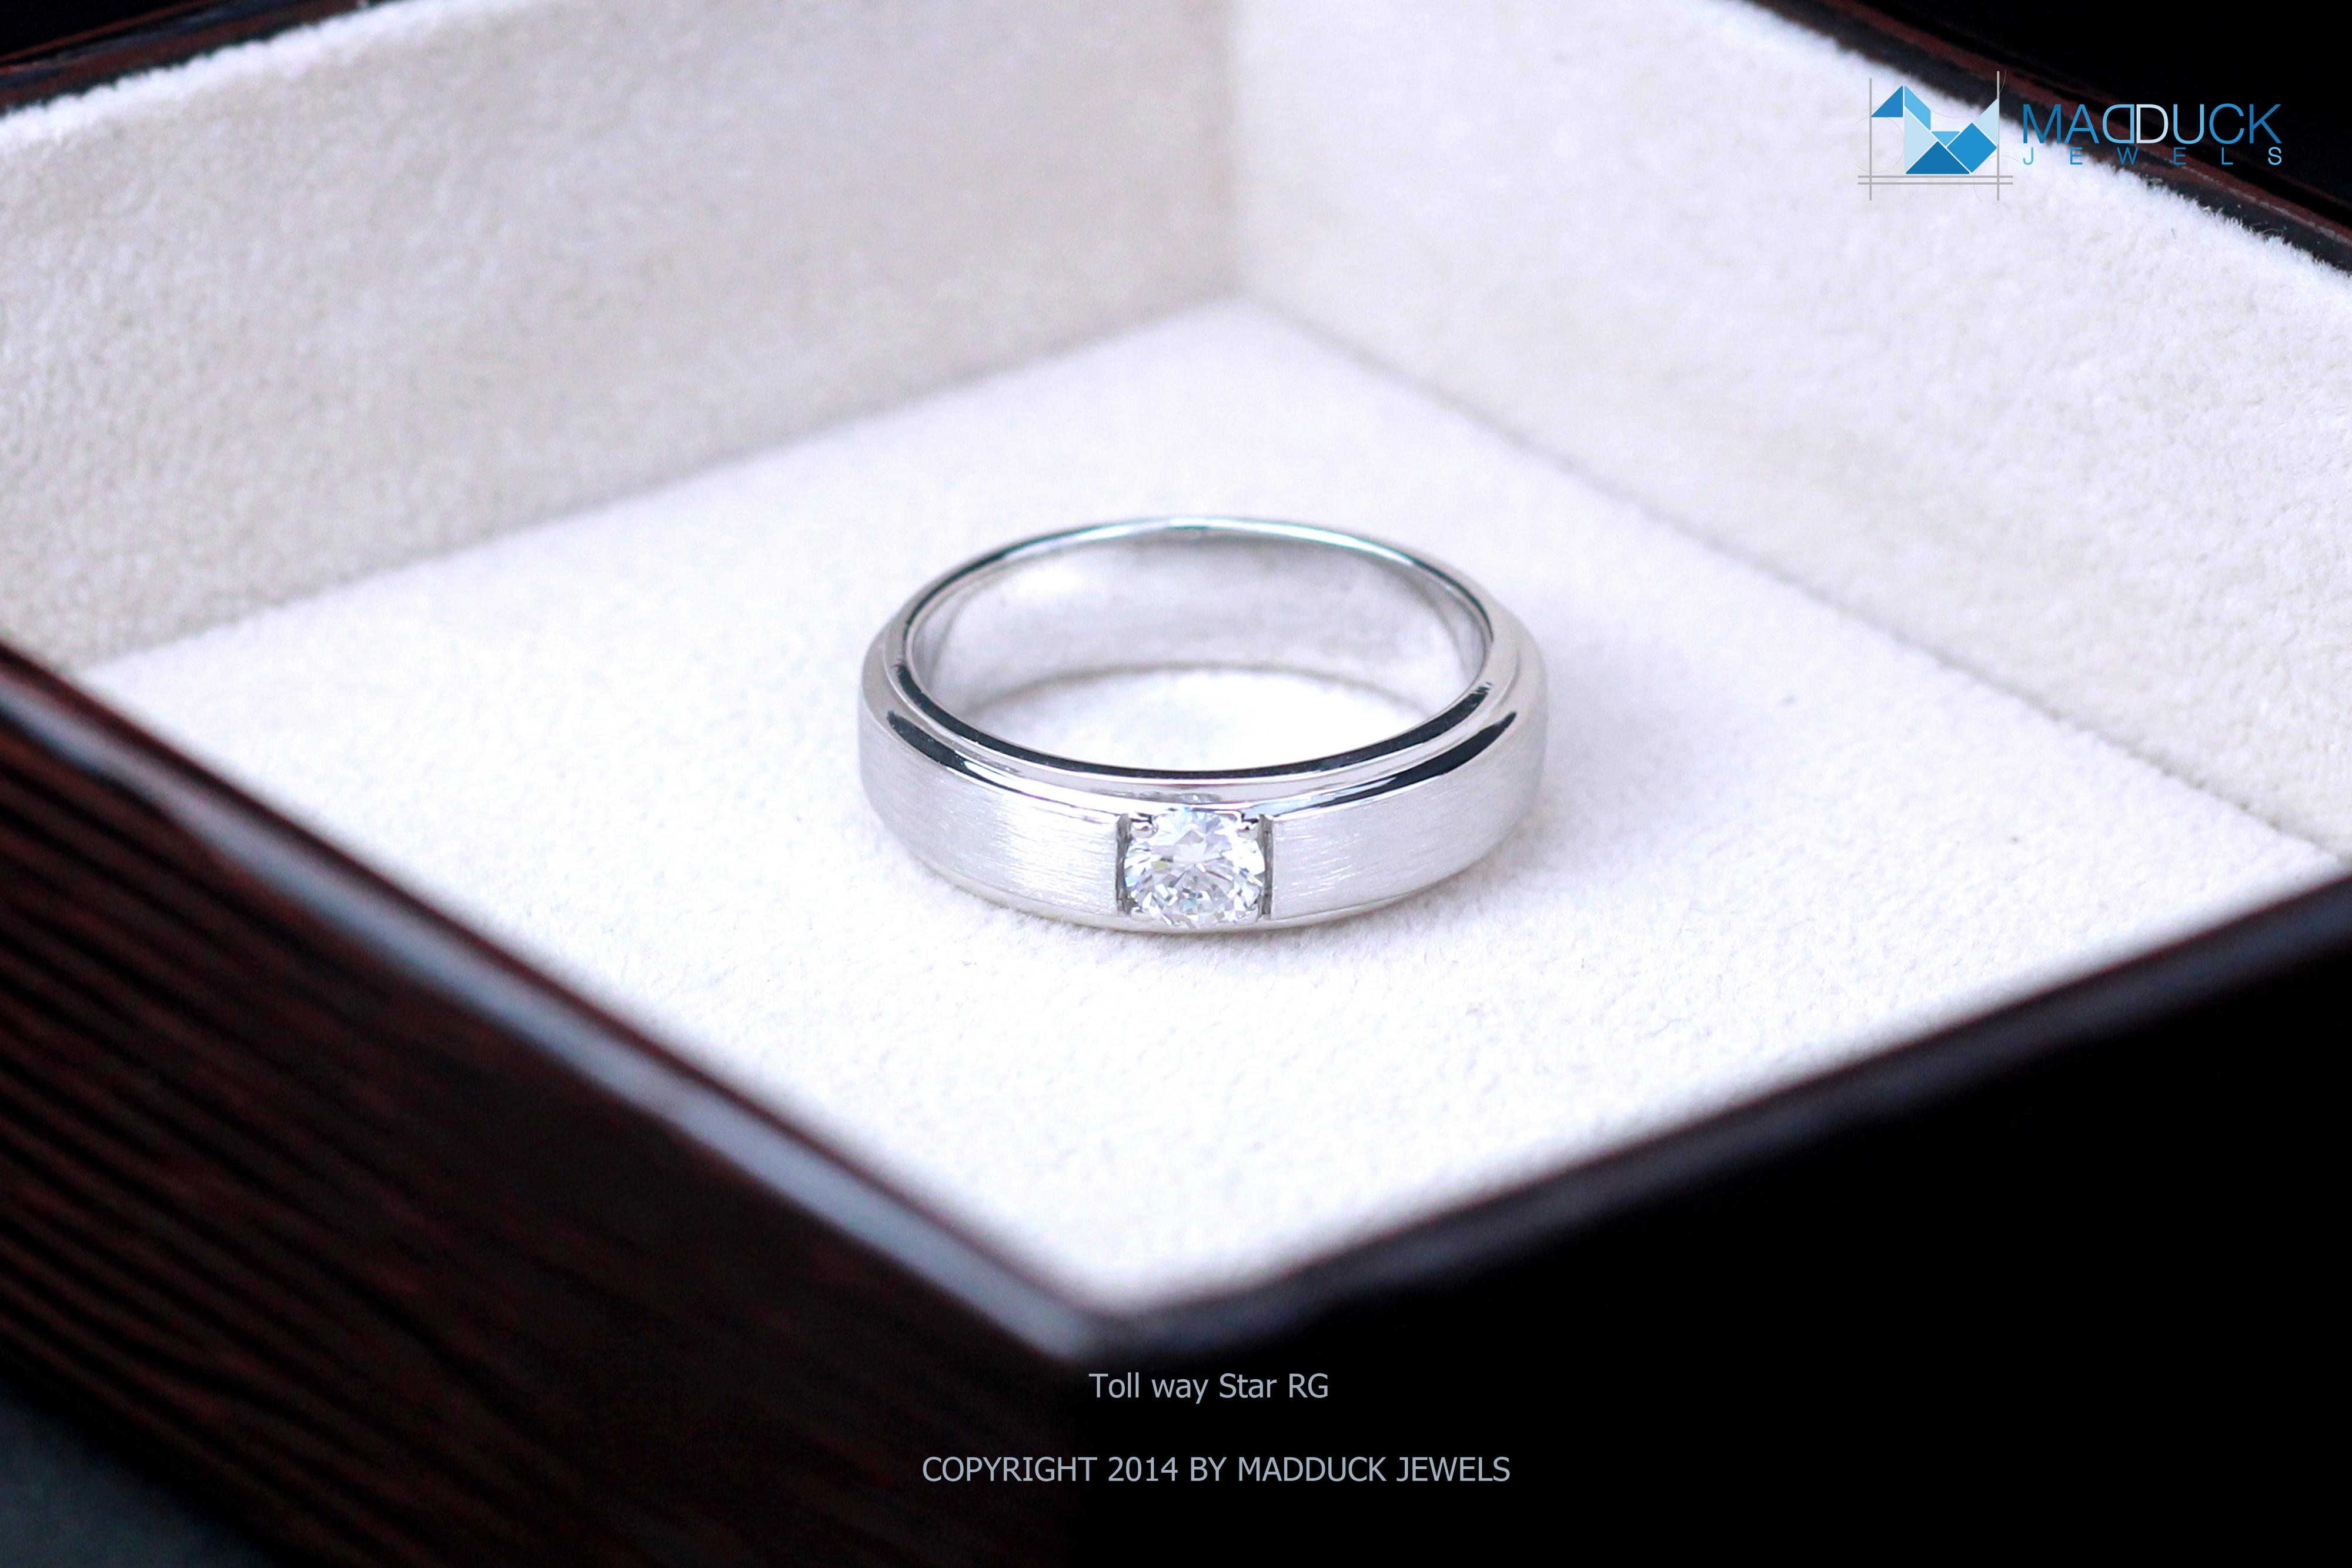 แหวนเงินแท้ เพชรสังเคราะห์ ชุบทองคำขาว รุ่น RG1418 Tollway Star B